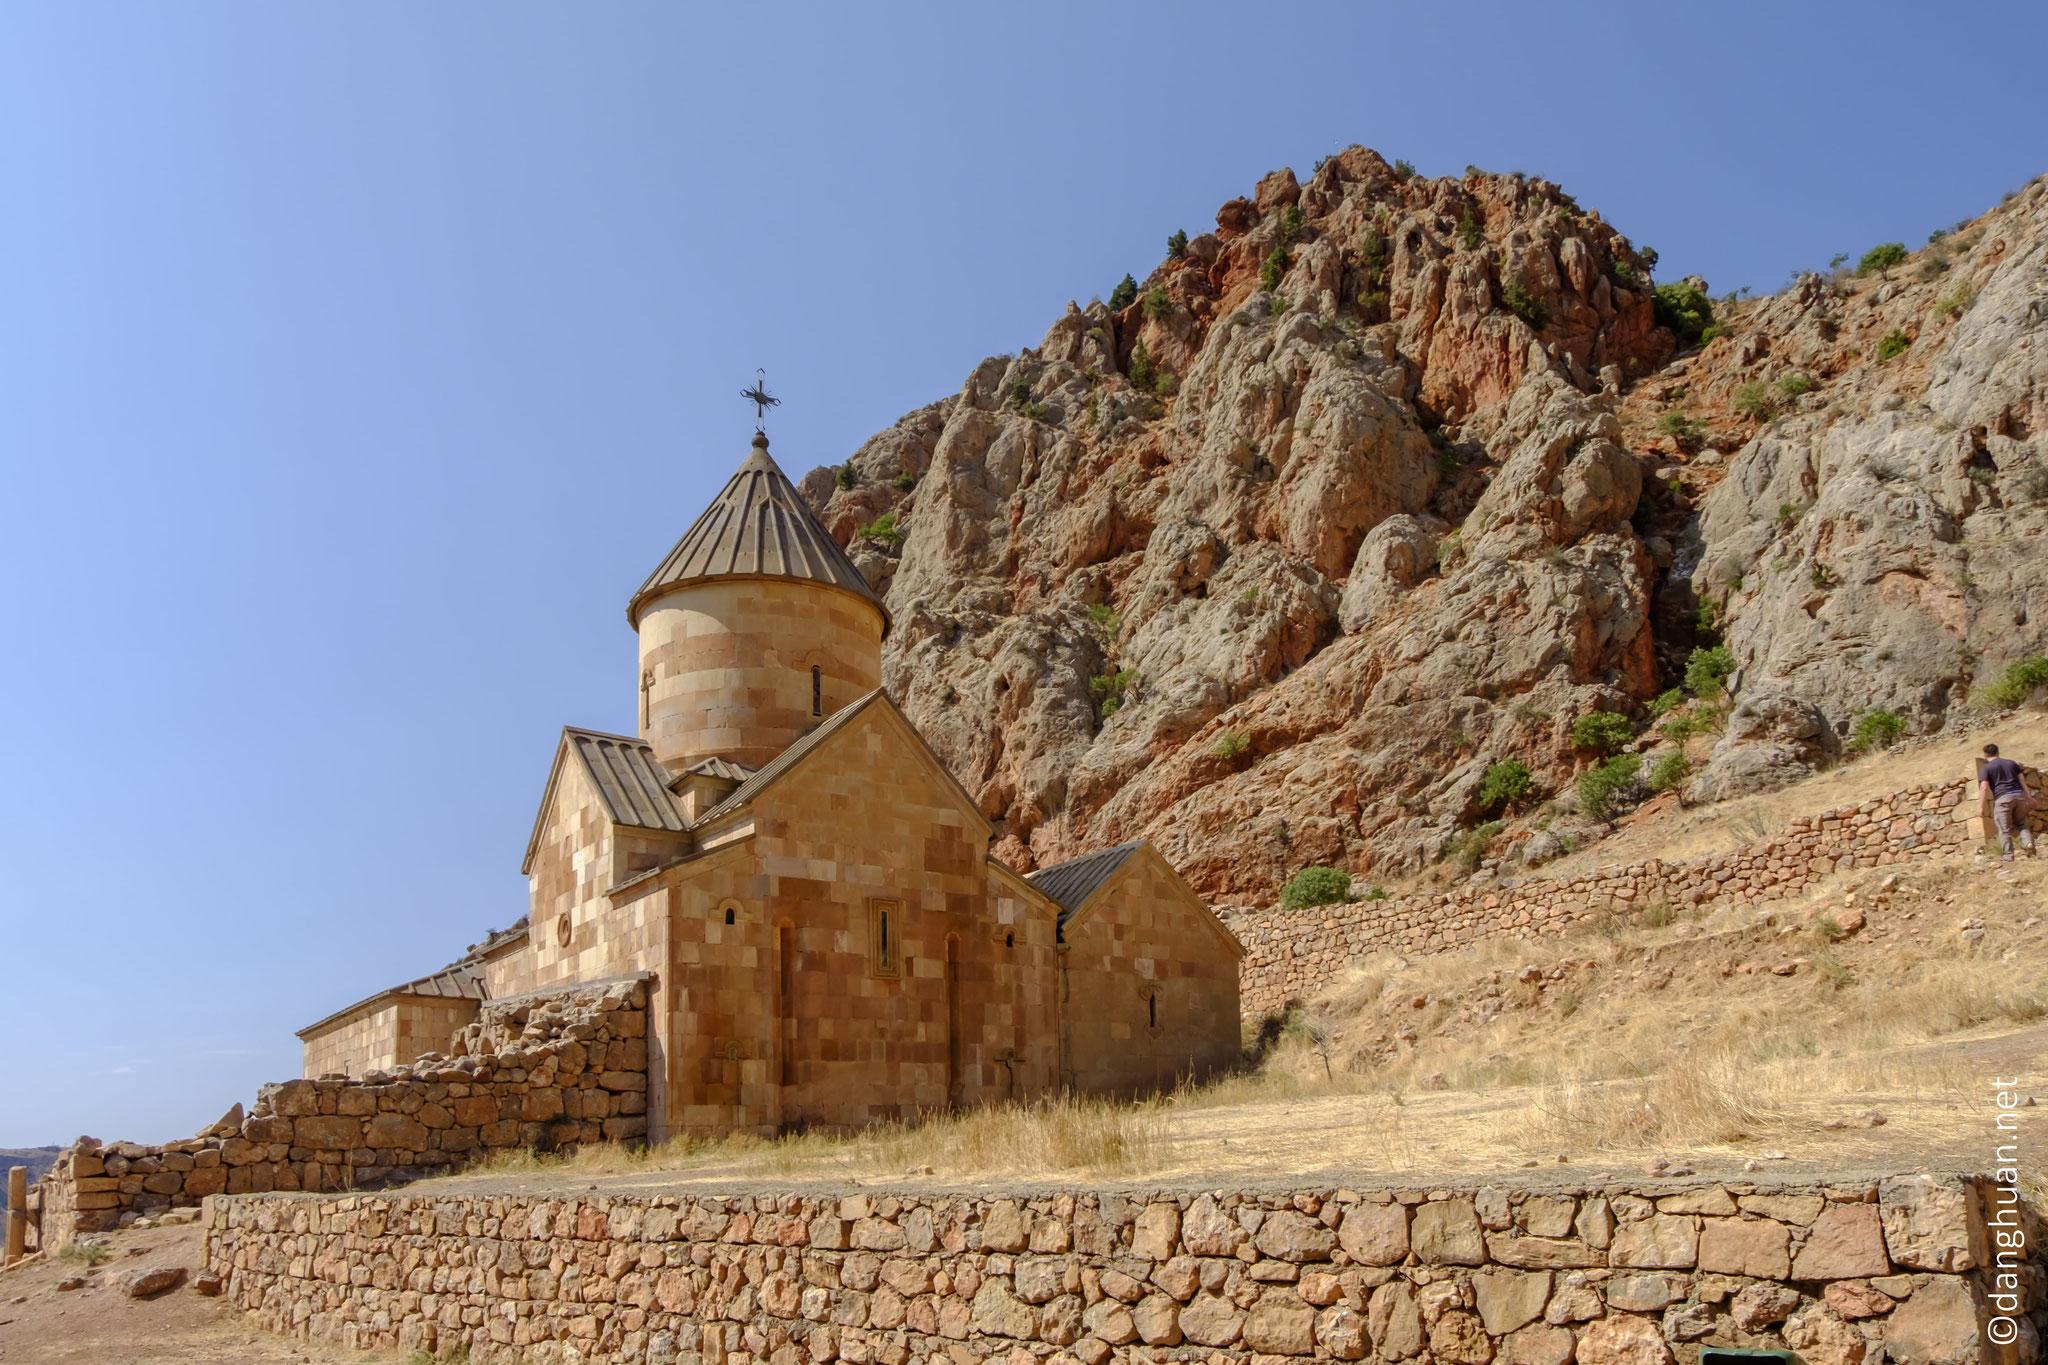 l'église Saint-Grégoire (Sourp Grigor)